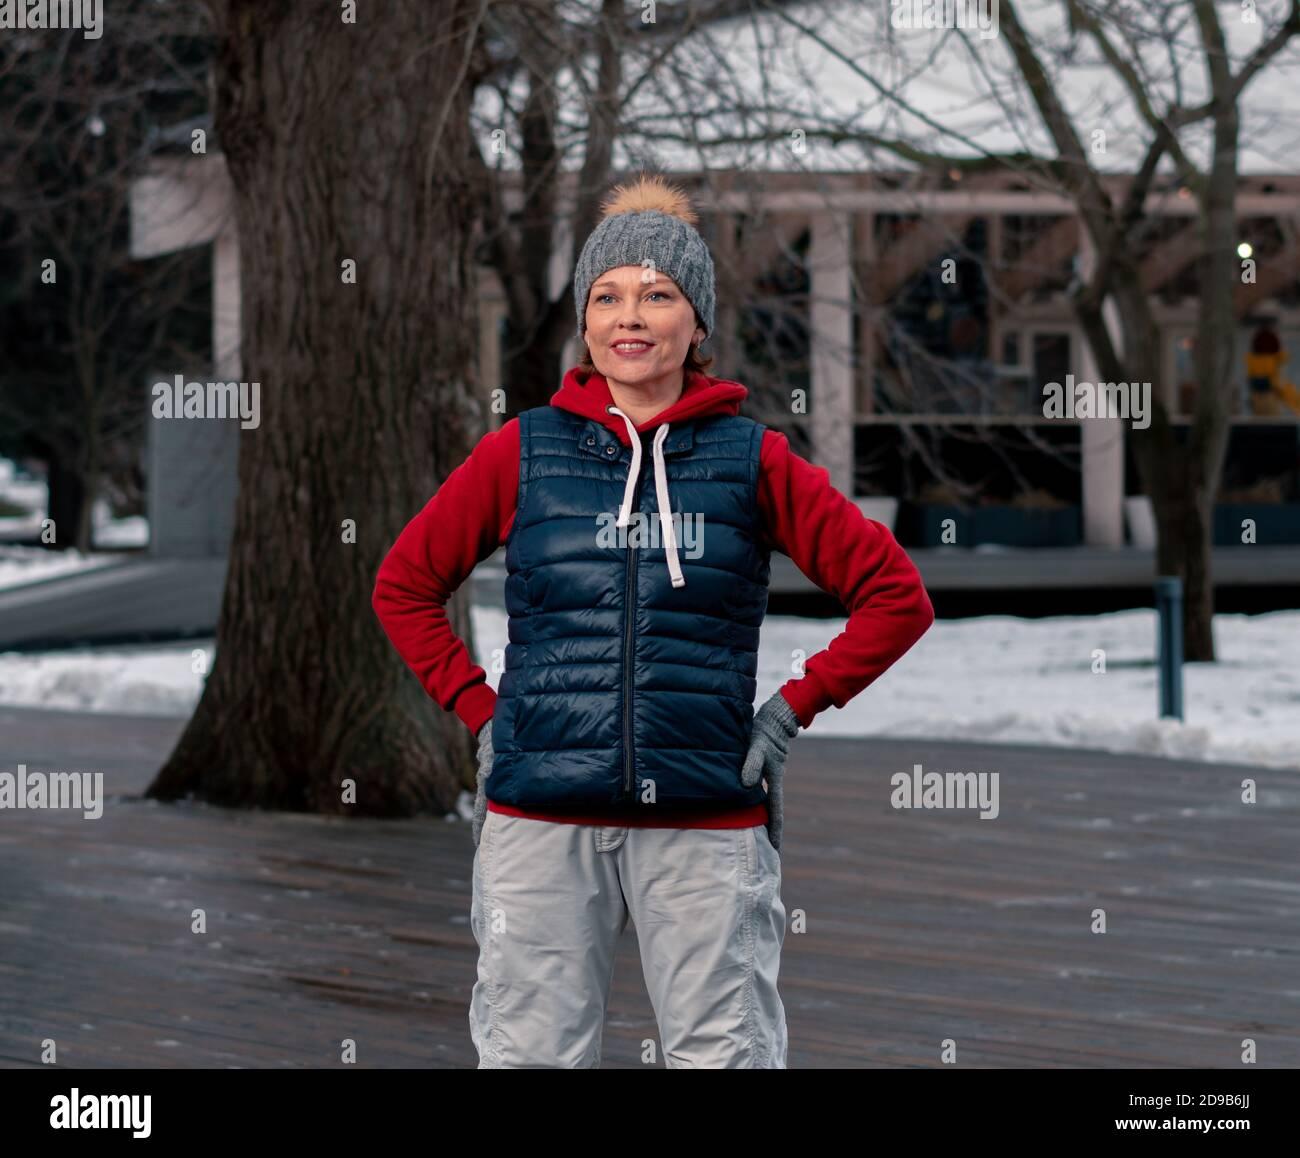 Belle femme mûre IWarming au parc. Temps froid de l'année. Un mode de vie actif et sain au Moyen-âge. Banque D'Images